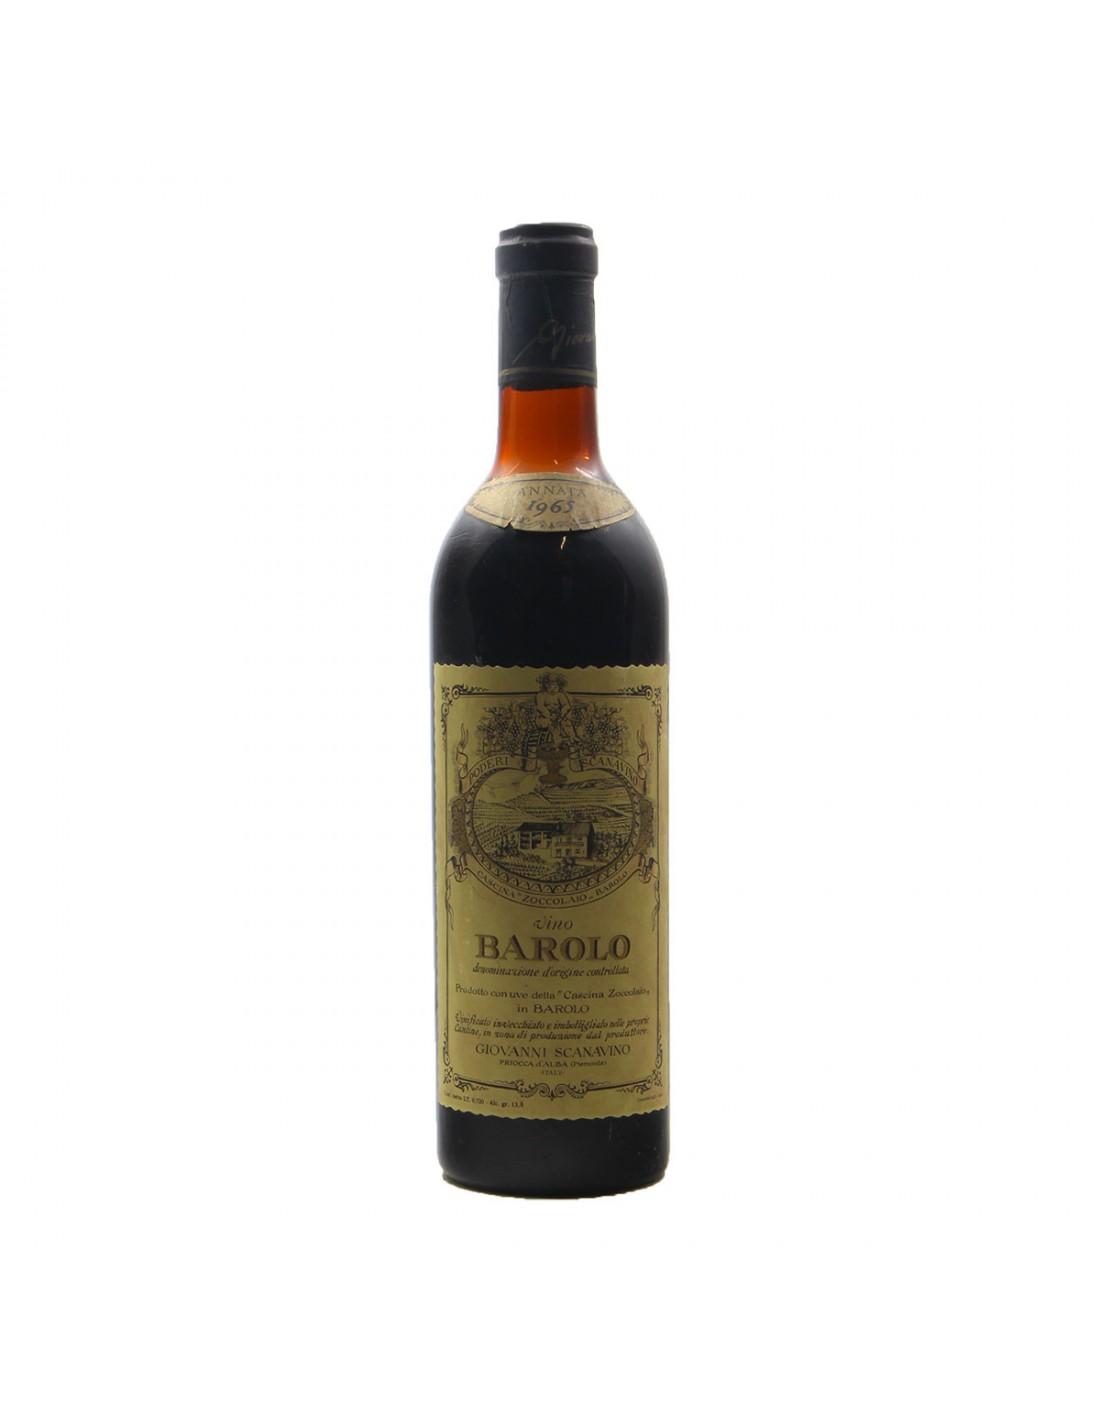 BAROLO CASCINA ZOCCOLAIO 1965 SCANAVINO Grandi Bottiglie